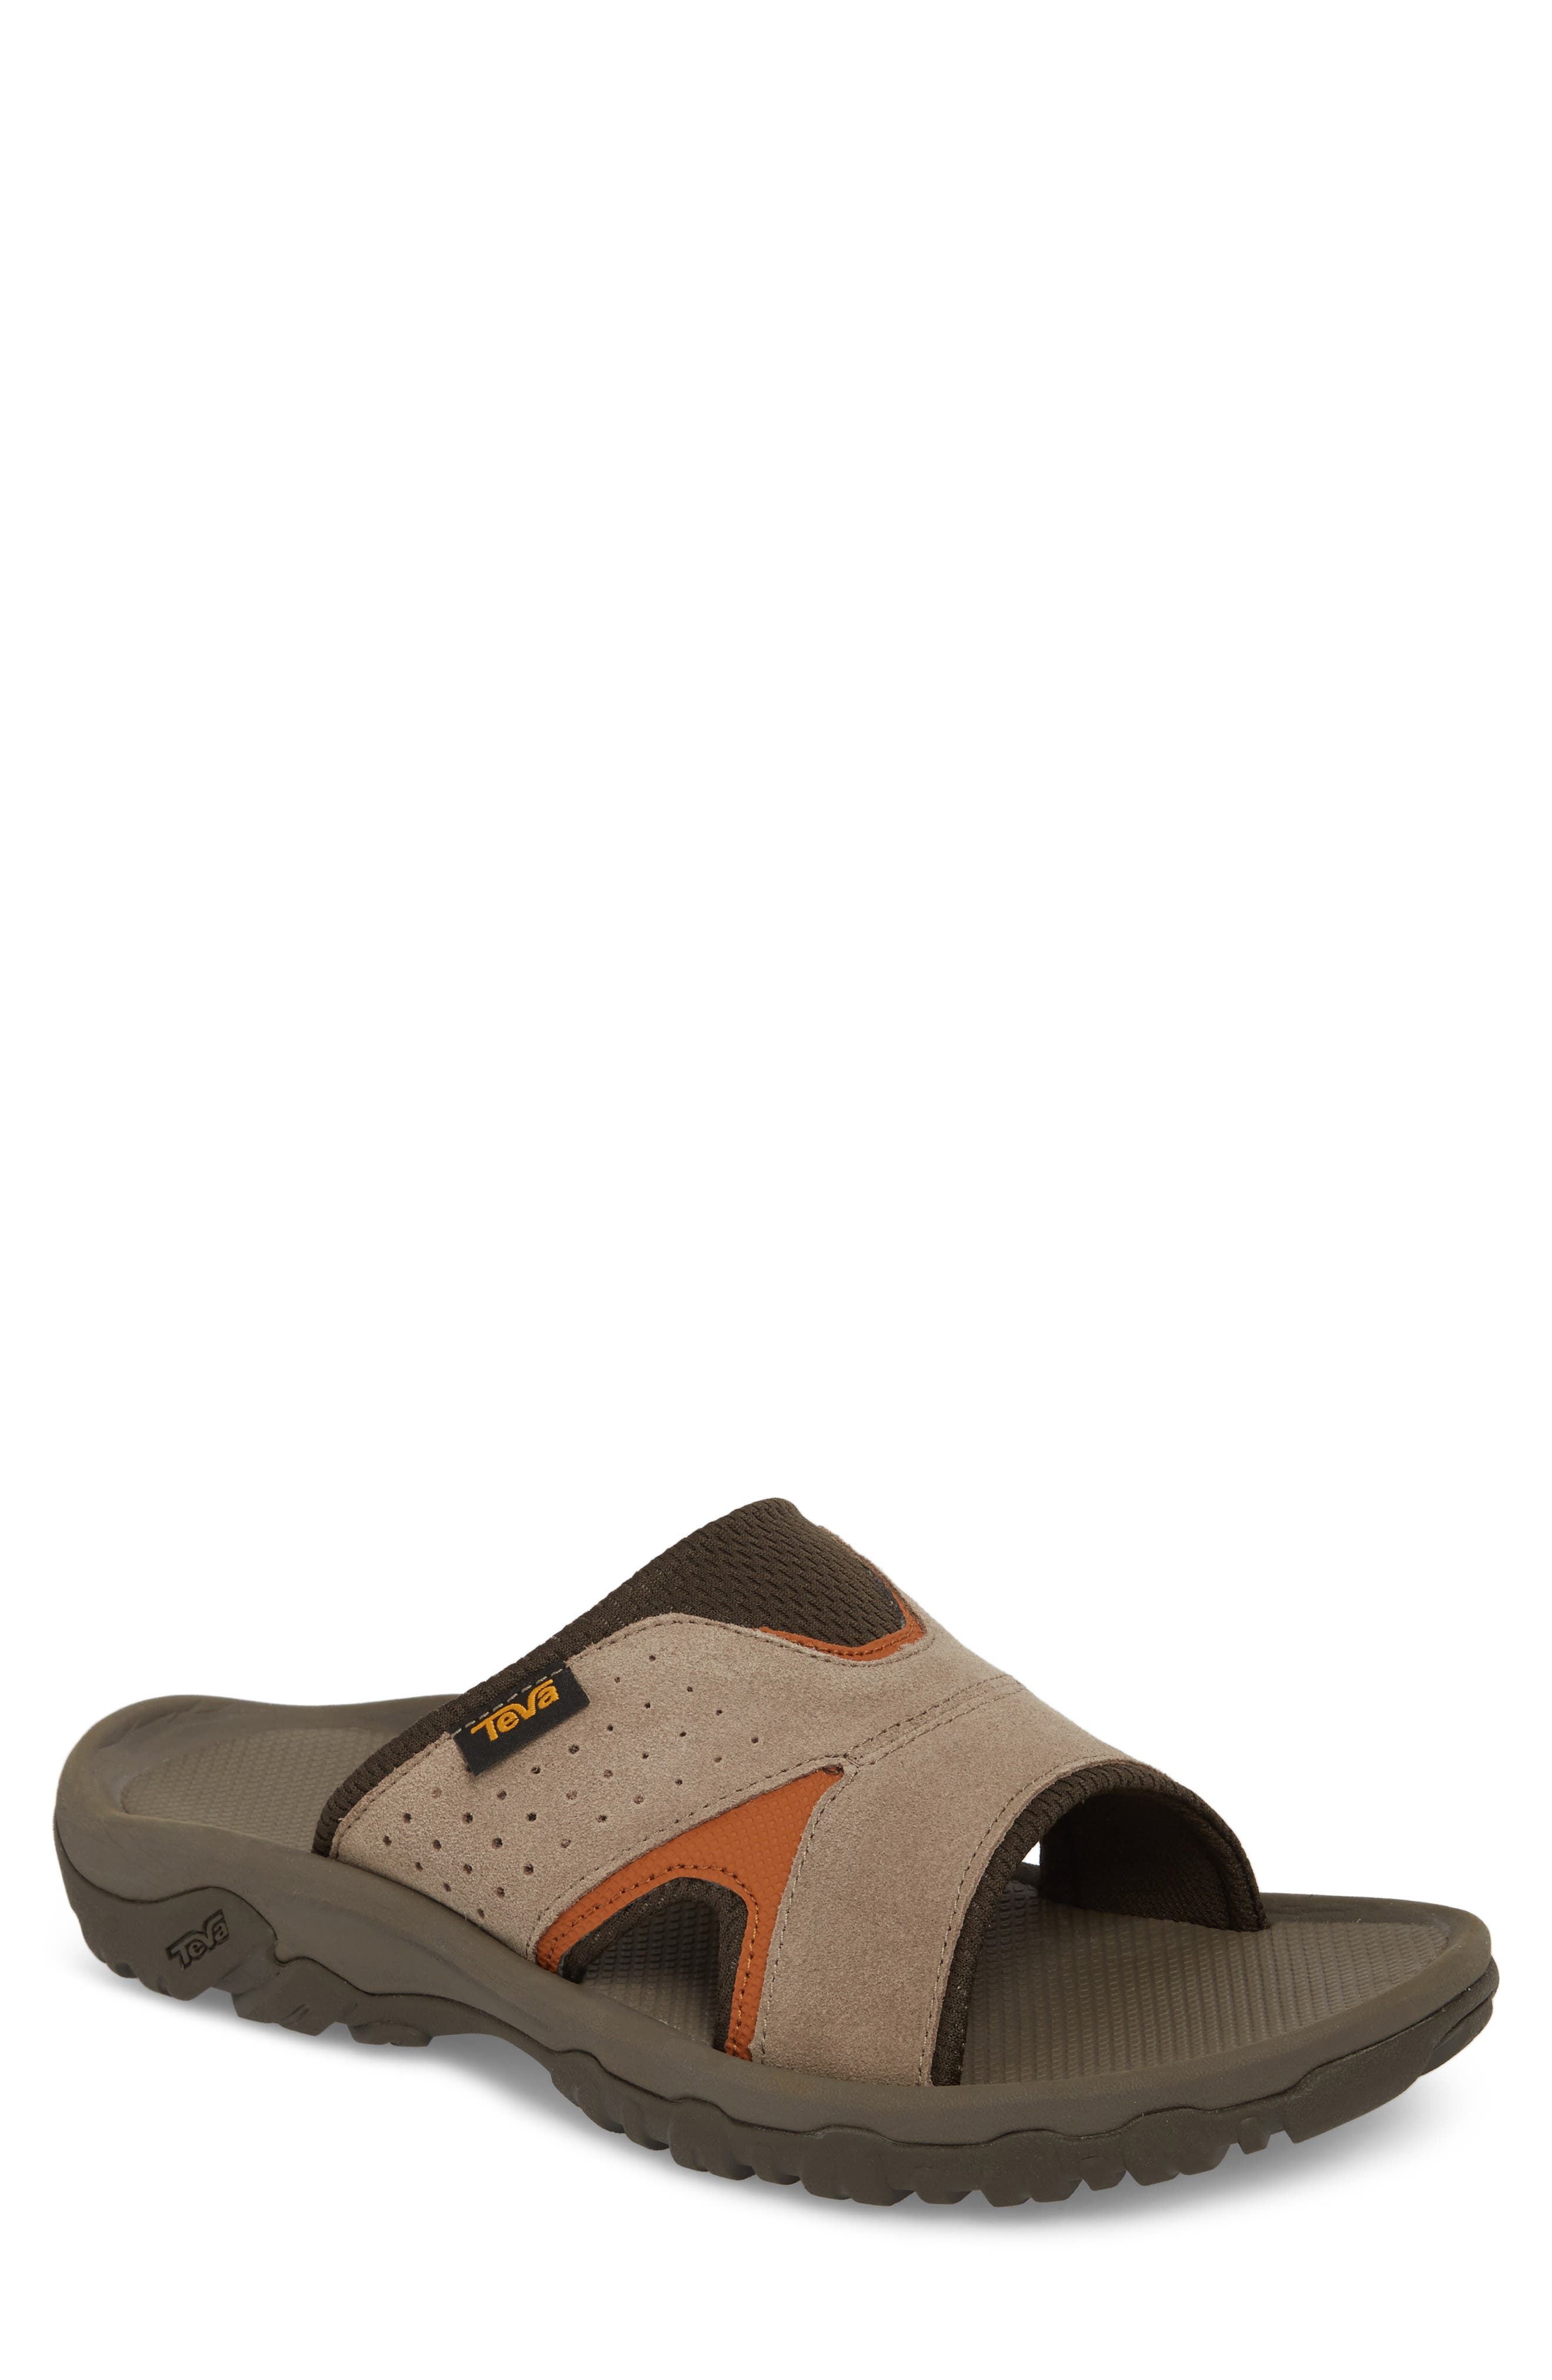 Katavi 2 Slide Sandal,                         Main,                         color, Walnut Suede